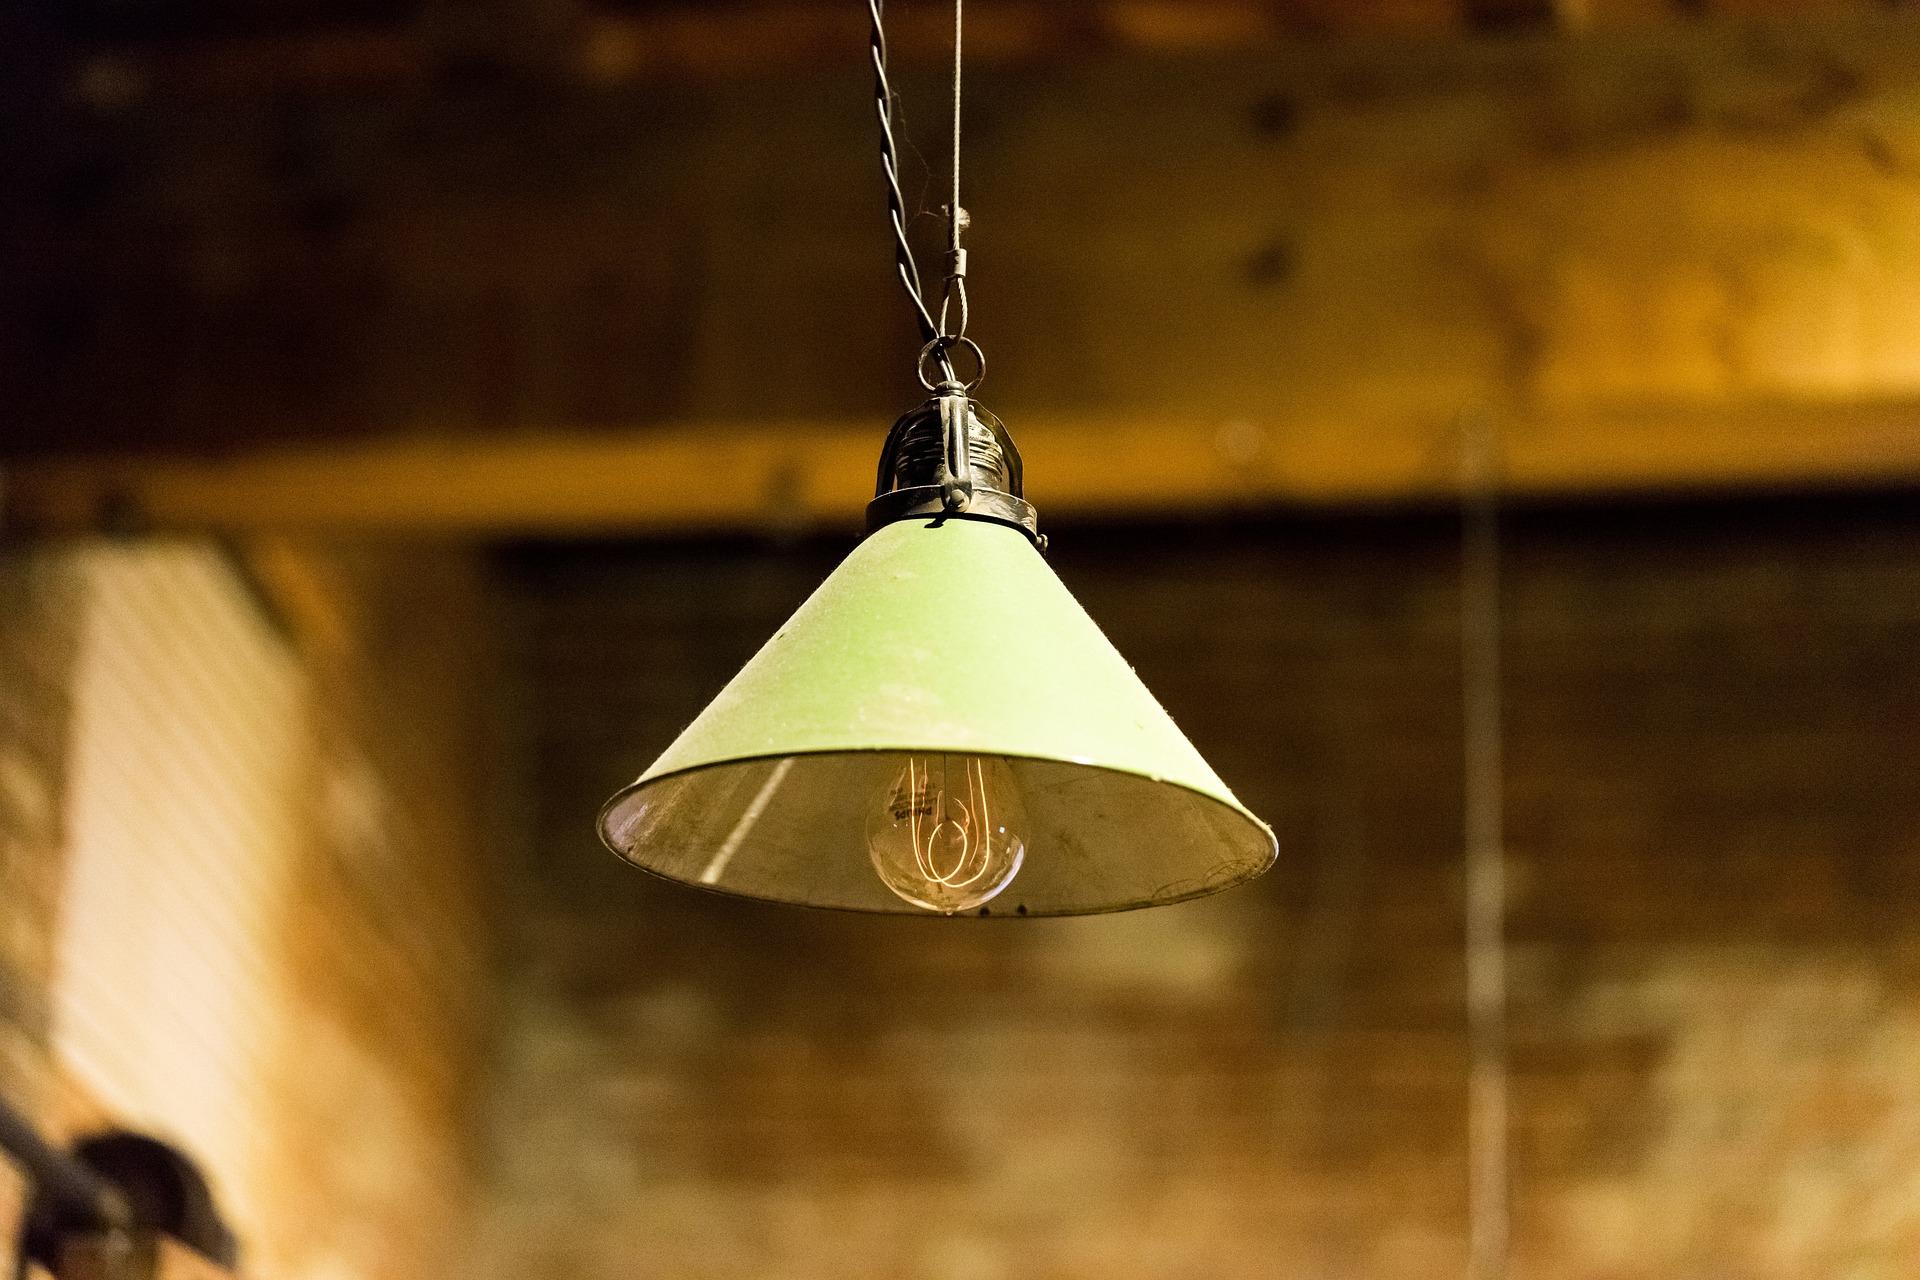 Deckenlampen anbringen: 3 Tipps um Lampen richtig an die Decke zu bringen